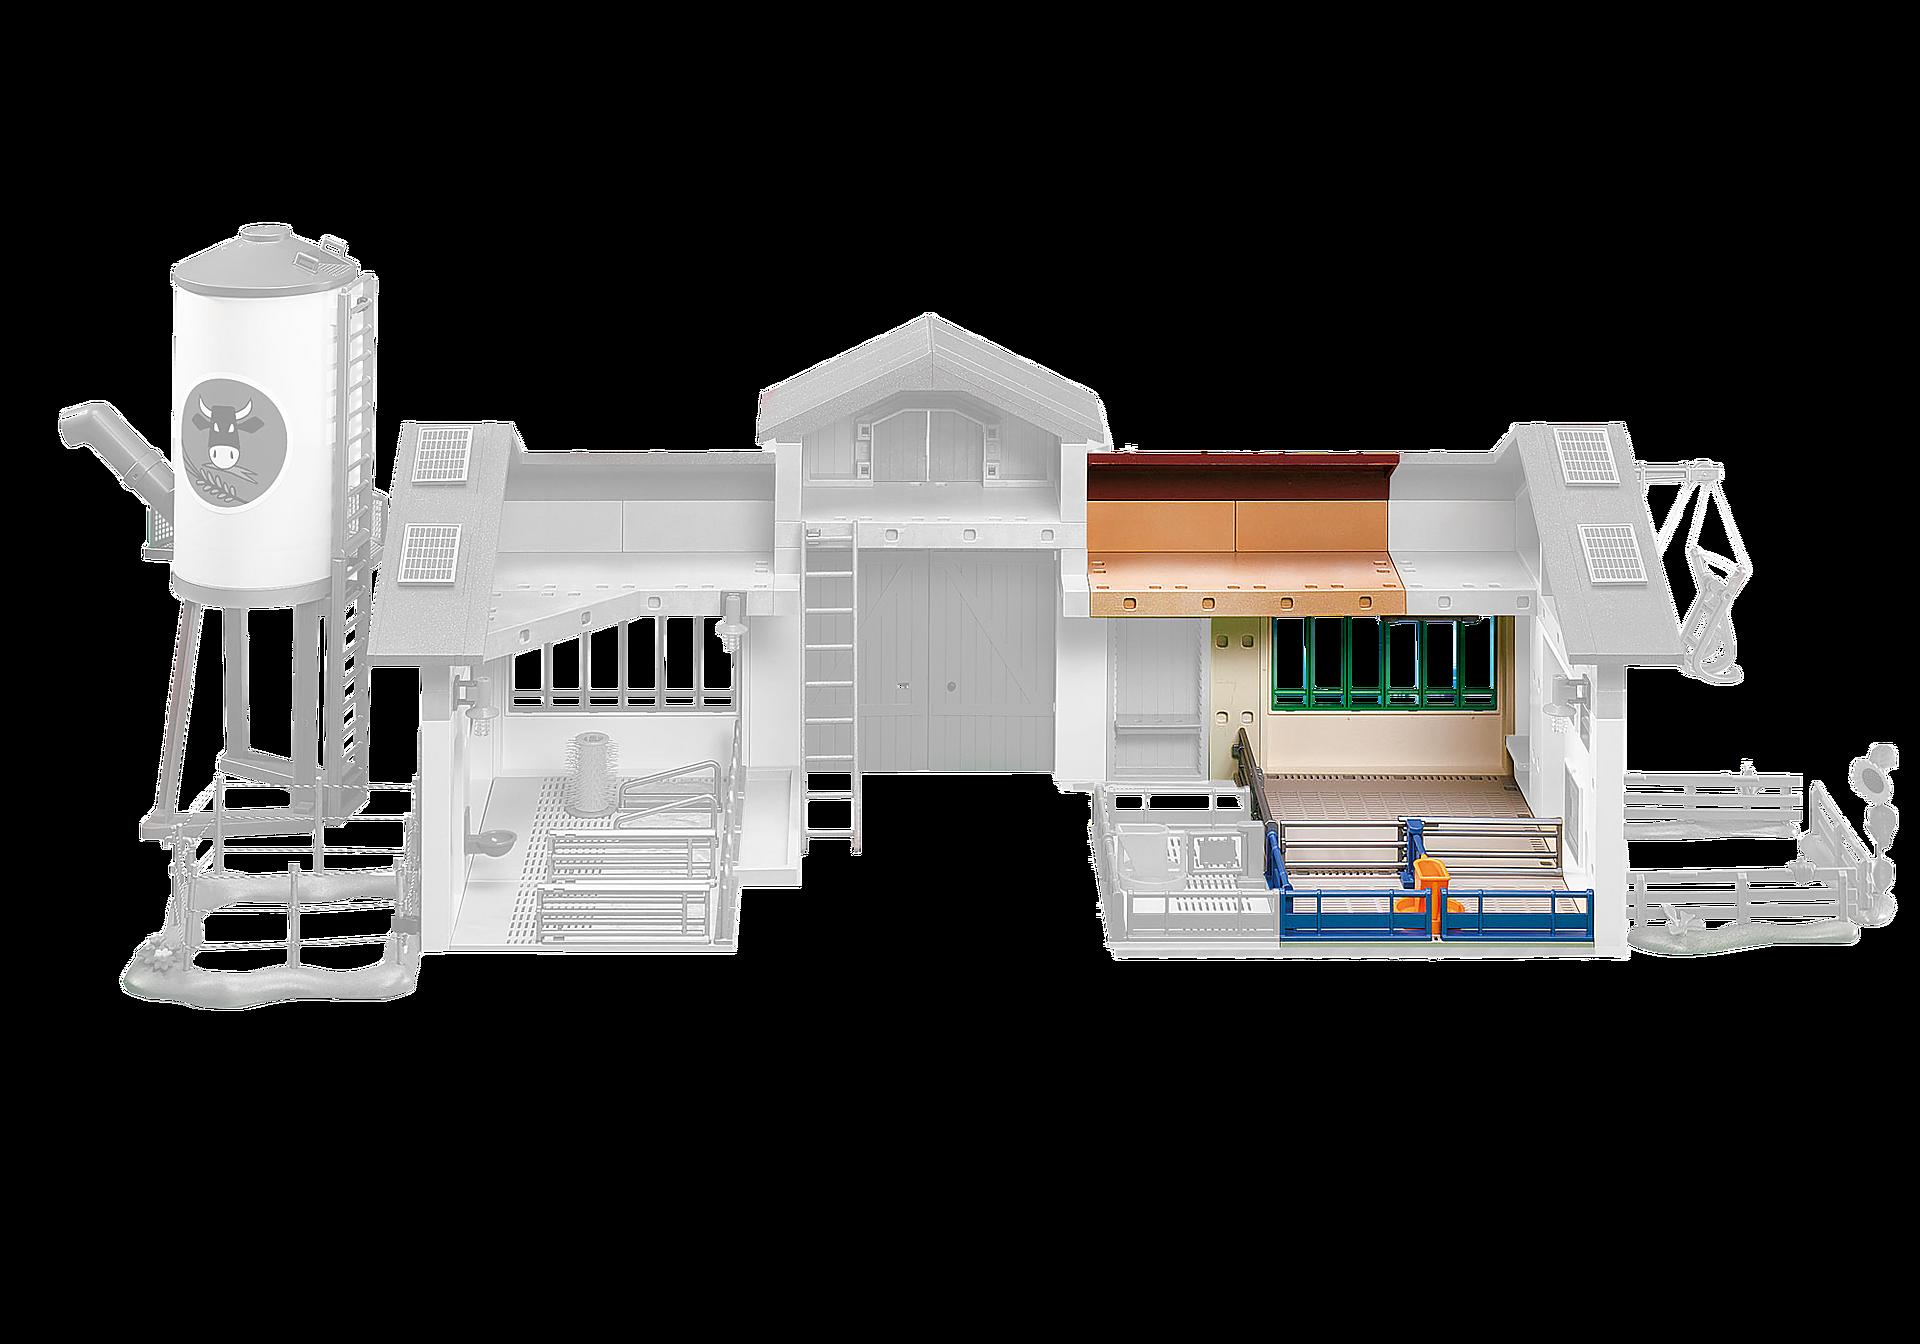 6209 Uitbreidingset voor de Bio-boerderij met silo (5119) zoom image1